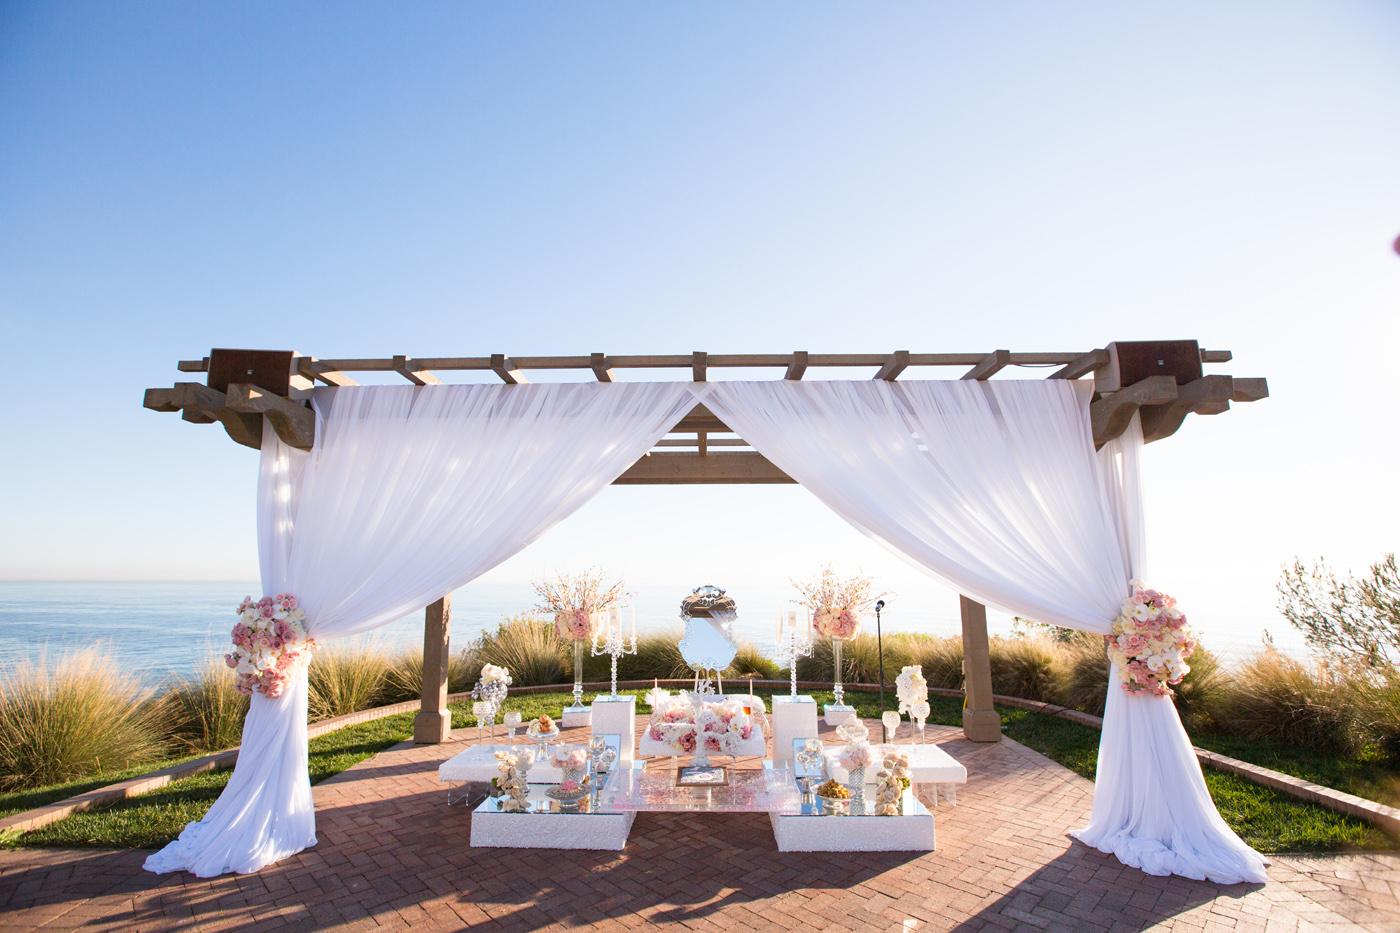 037_DukePhotography_DukeImages_Wedding_Details.jpg